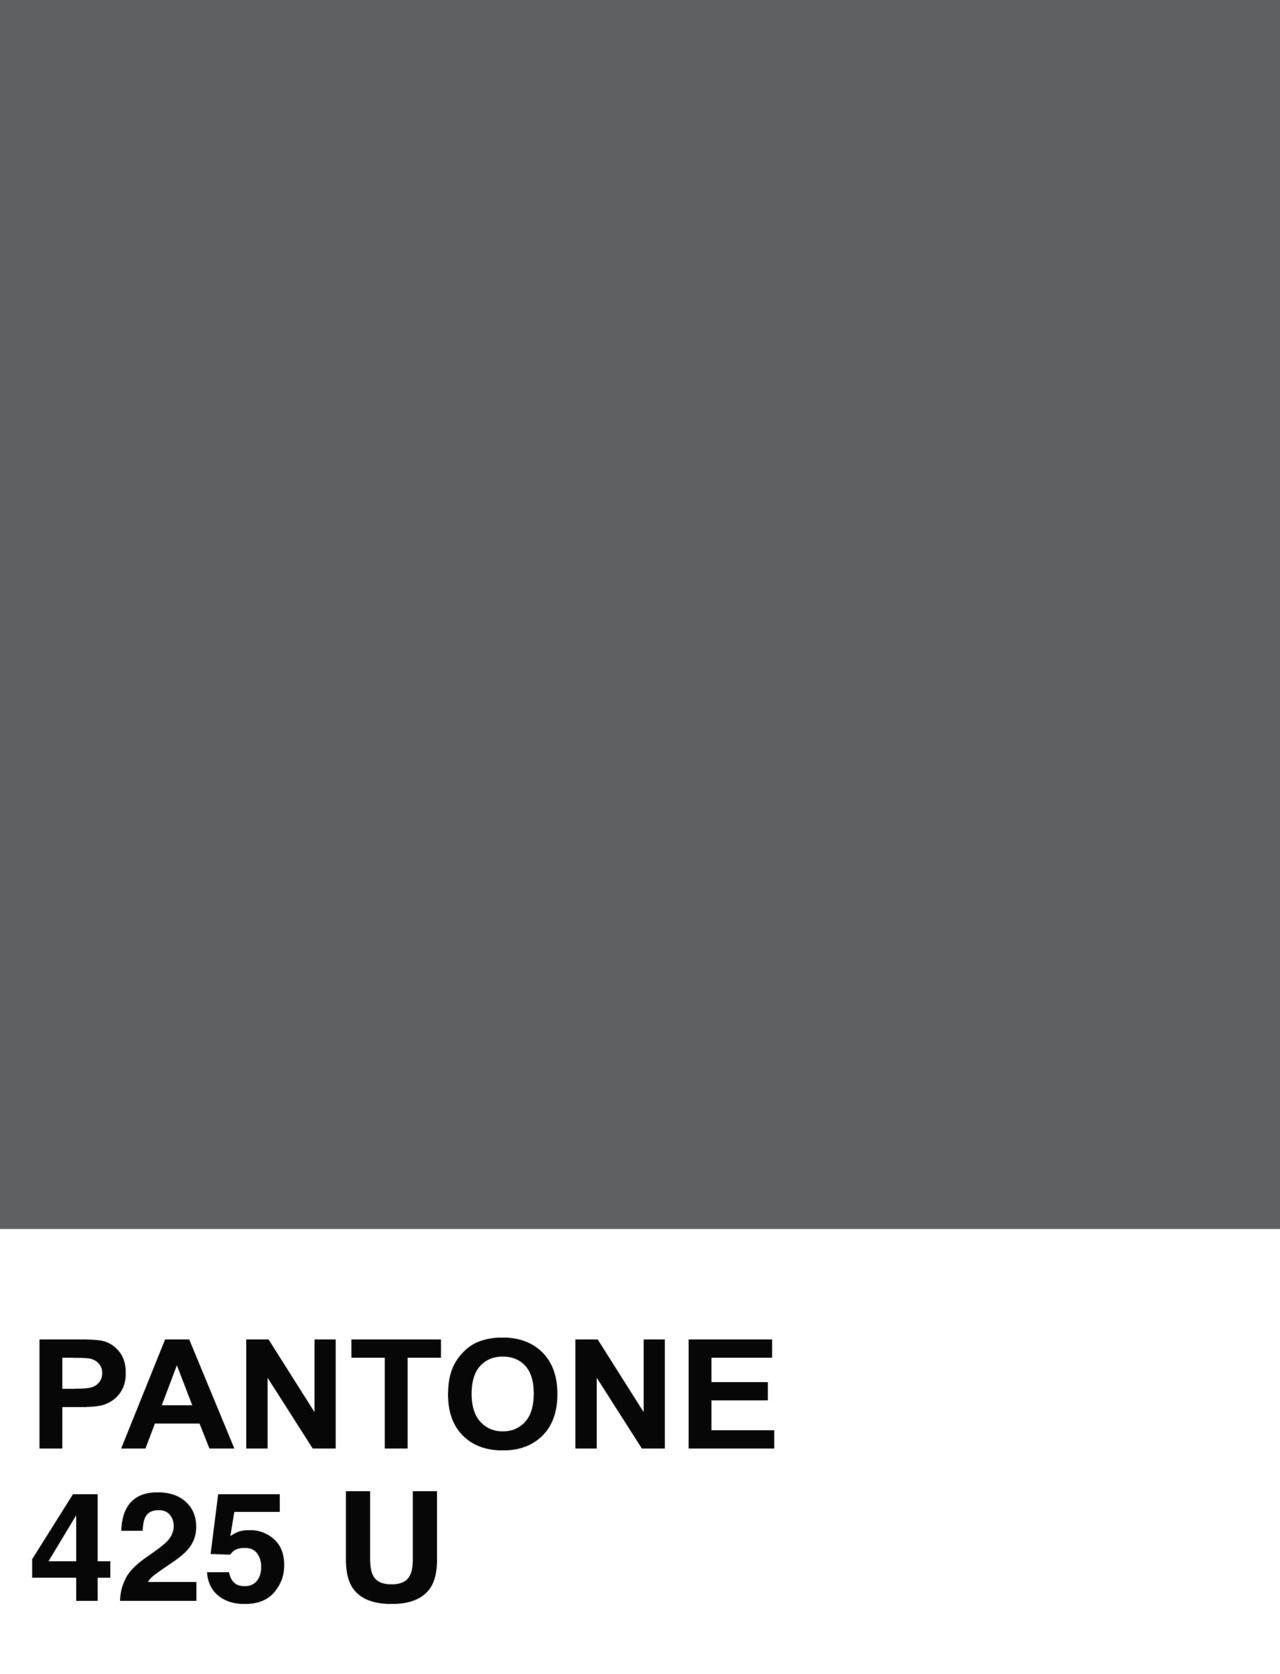 Peinture Gris Bleuté Clair sofa bed colour? pantone solid uncoated: photo | couleur